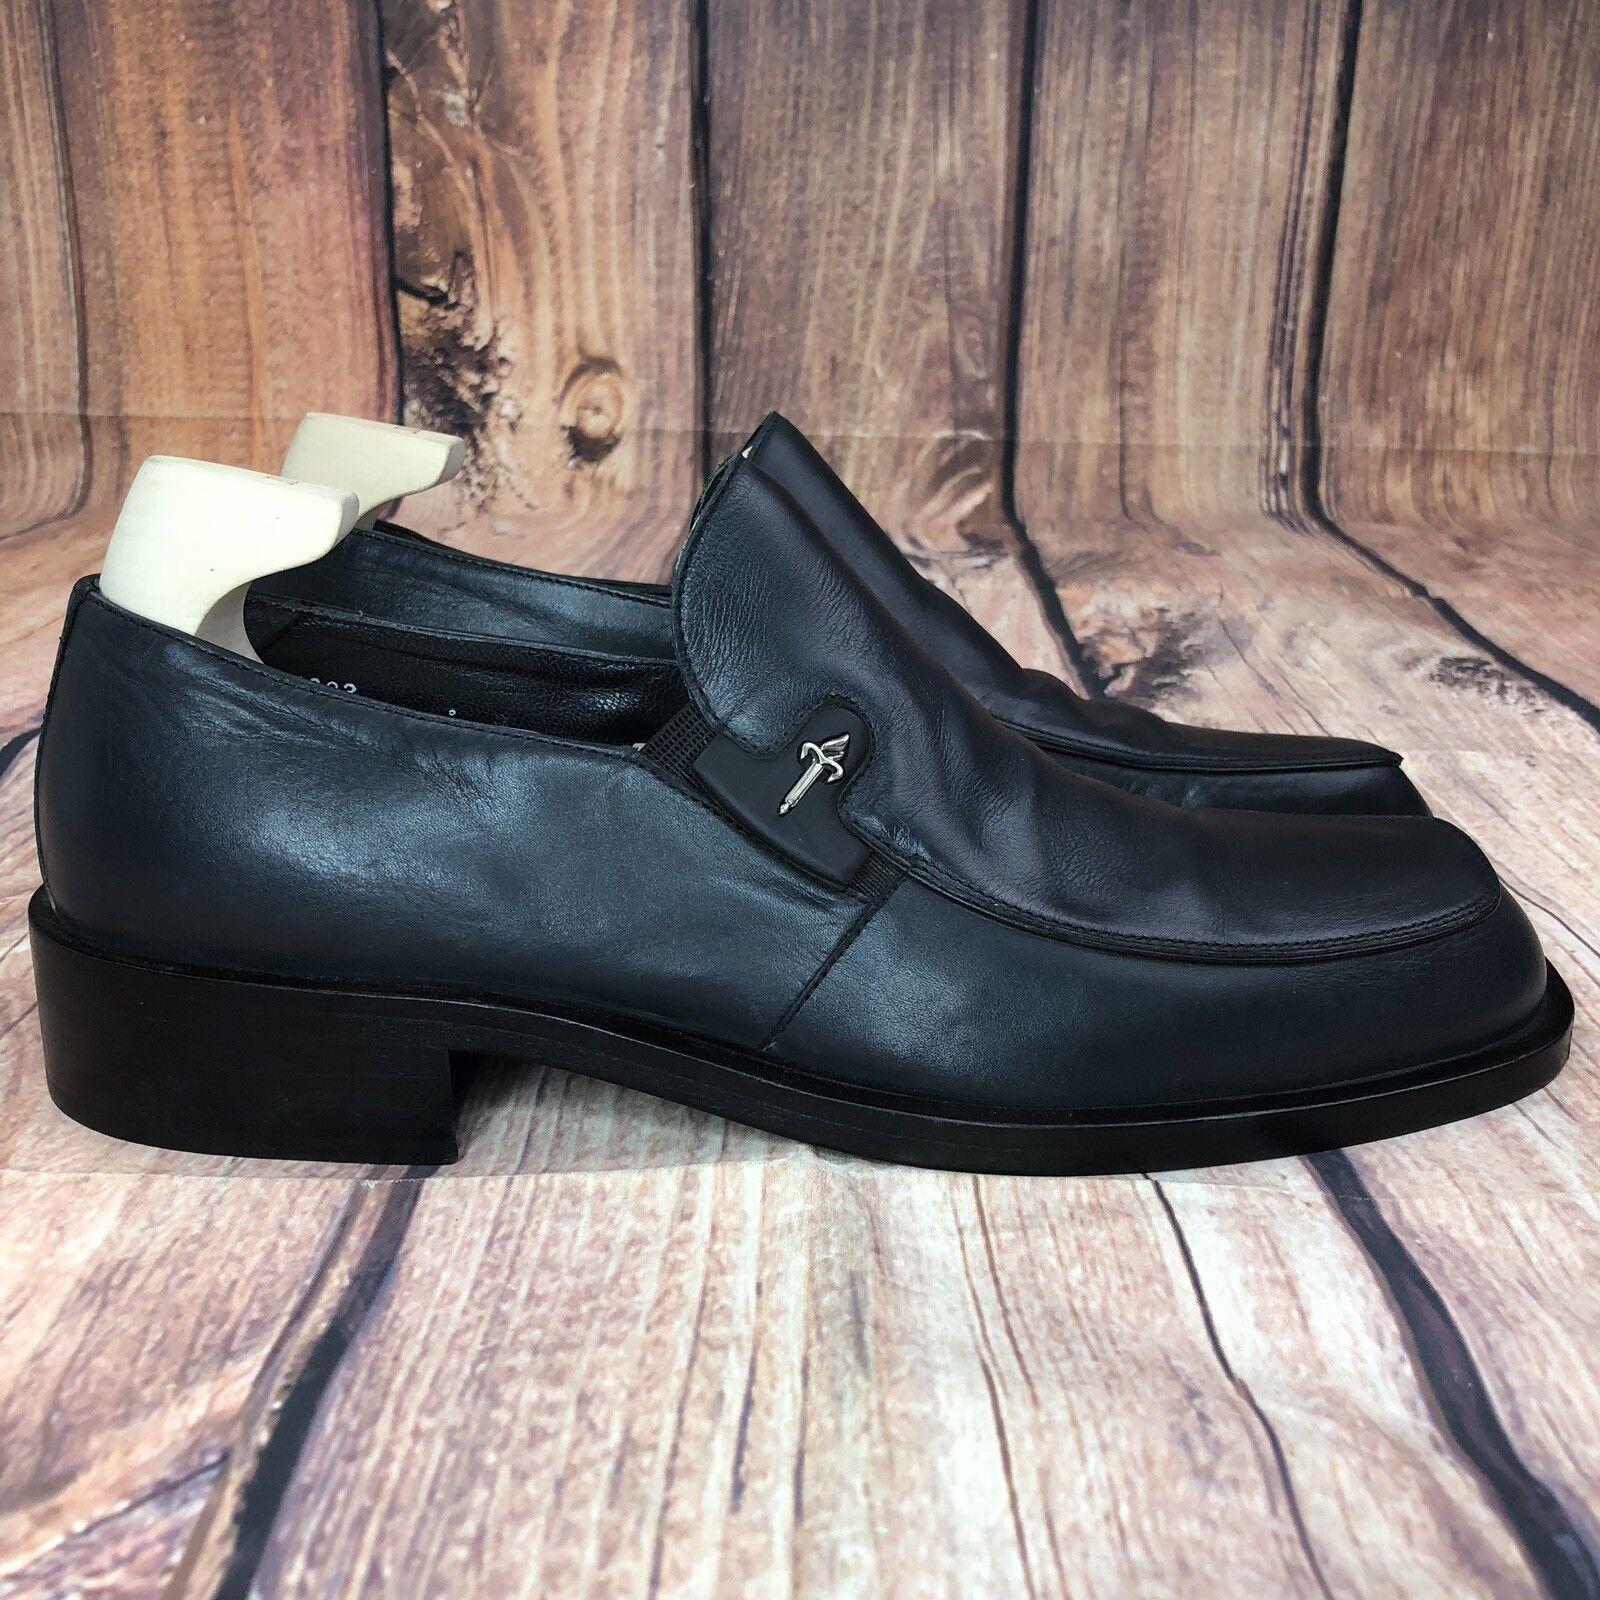 Cesare Paciotti Slip On Loafers Uomo Size Size Uomo 9 NEW - Blue ebf29e